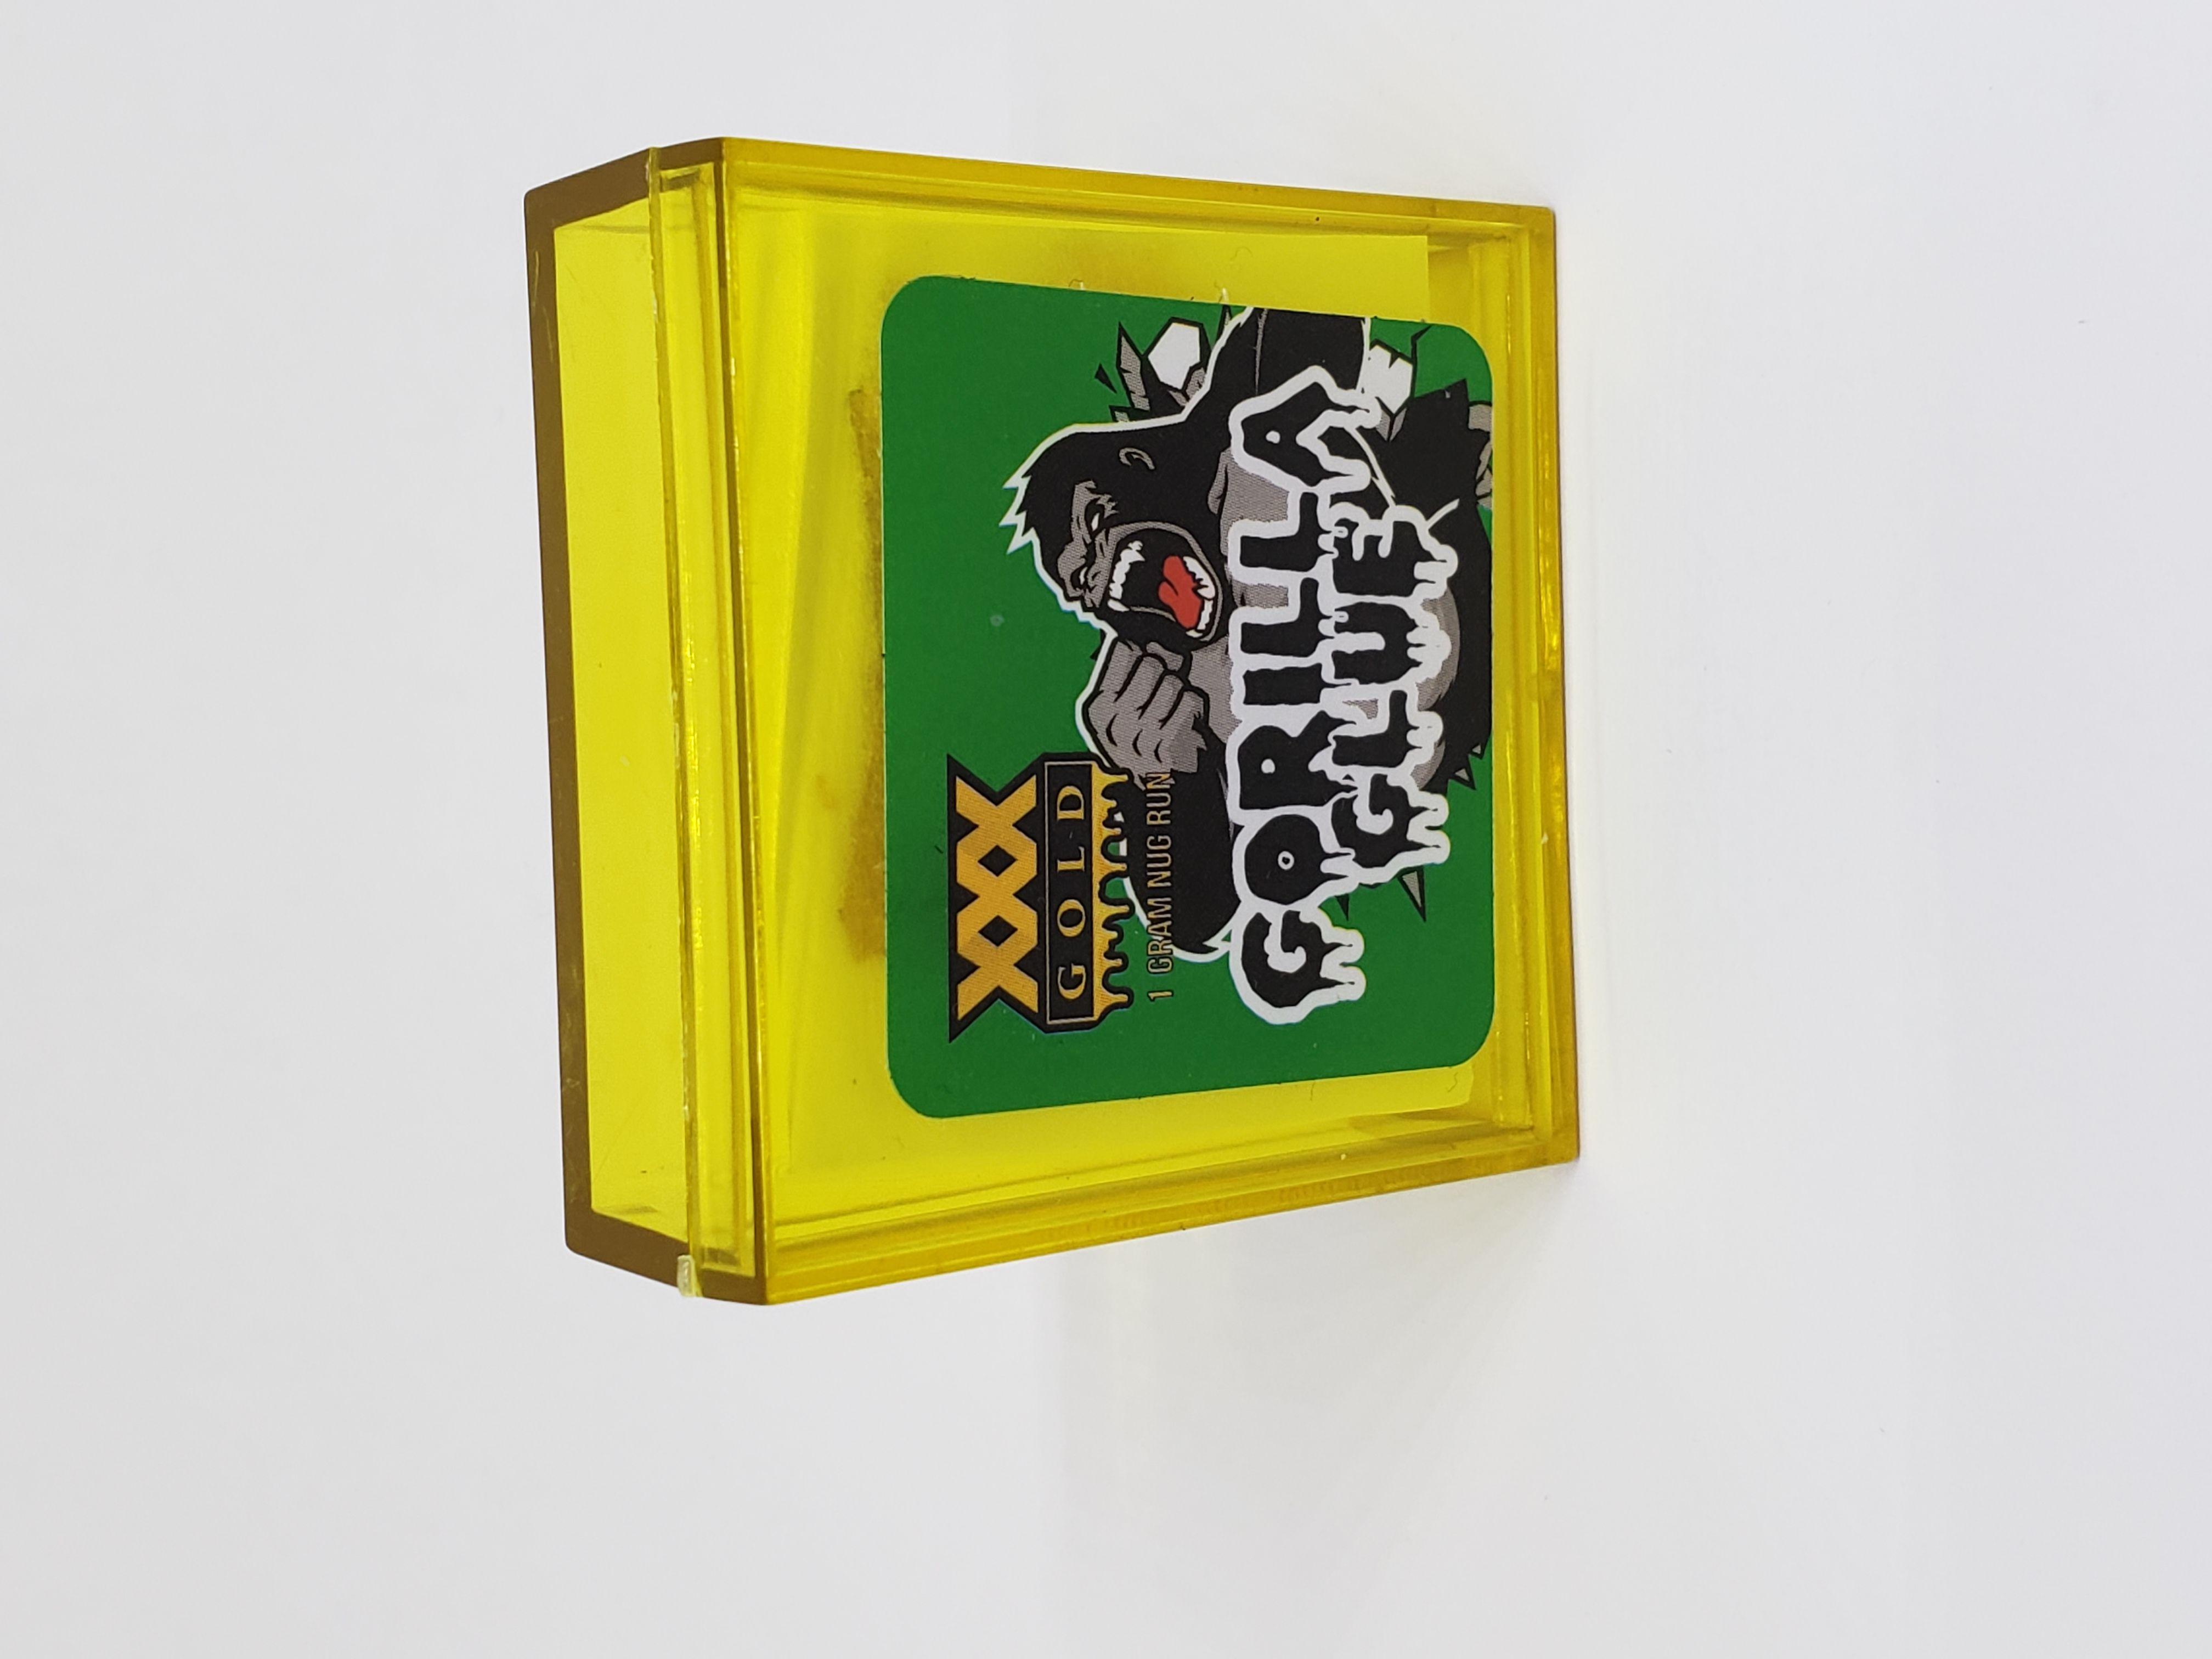 XXX Gold Gorilla Glue Shatter